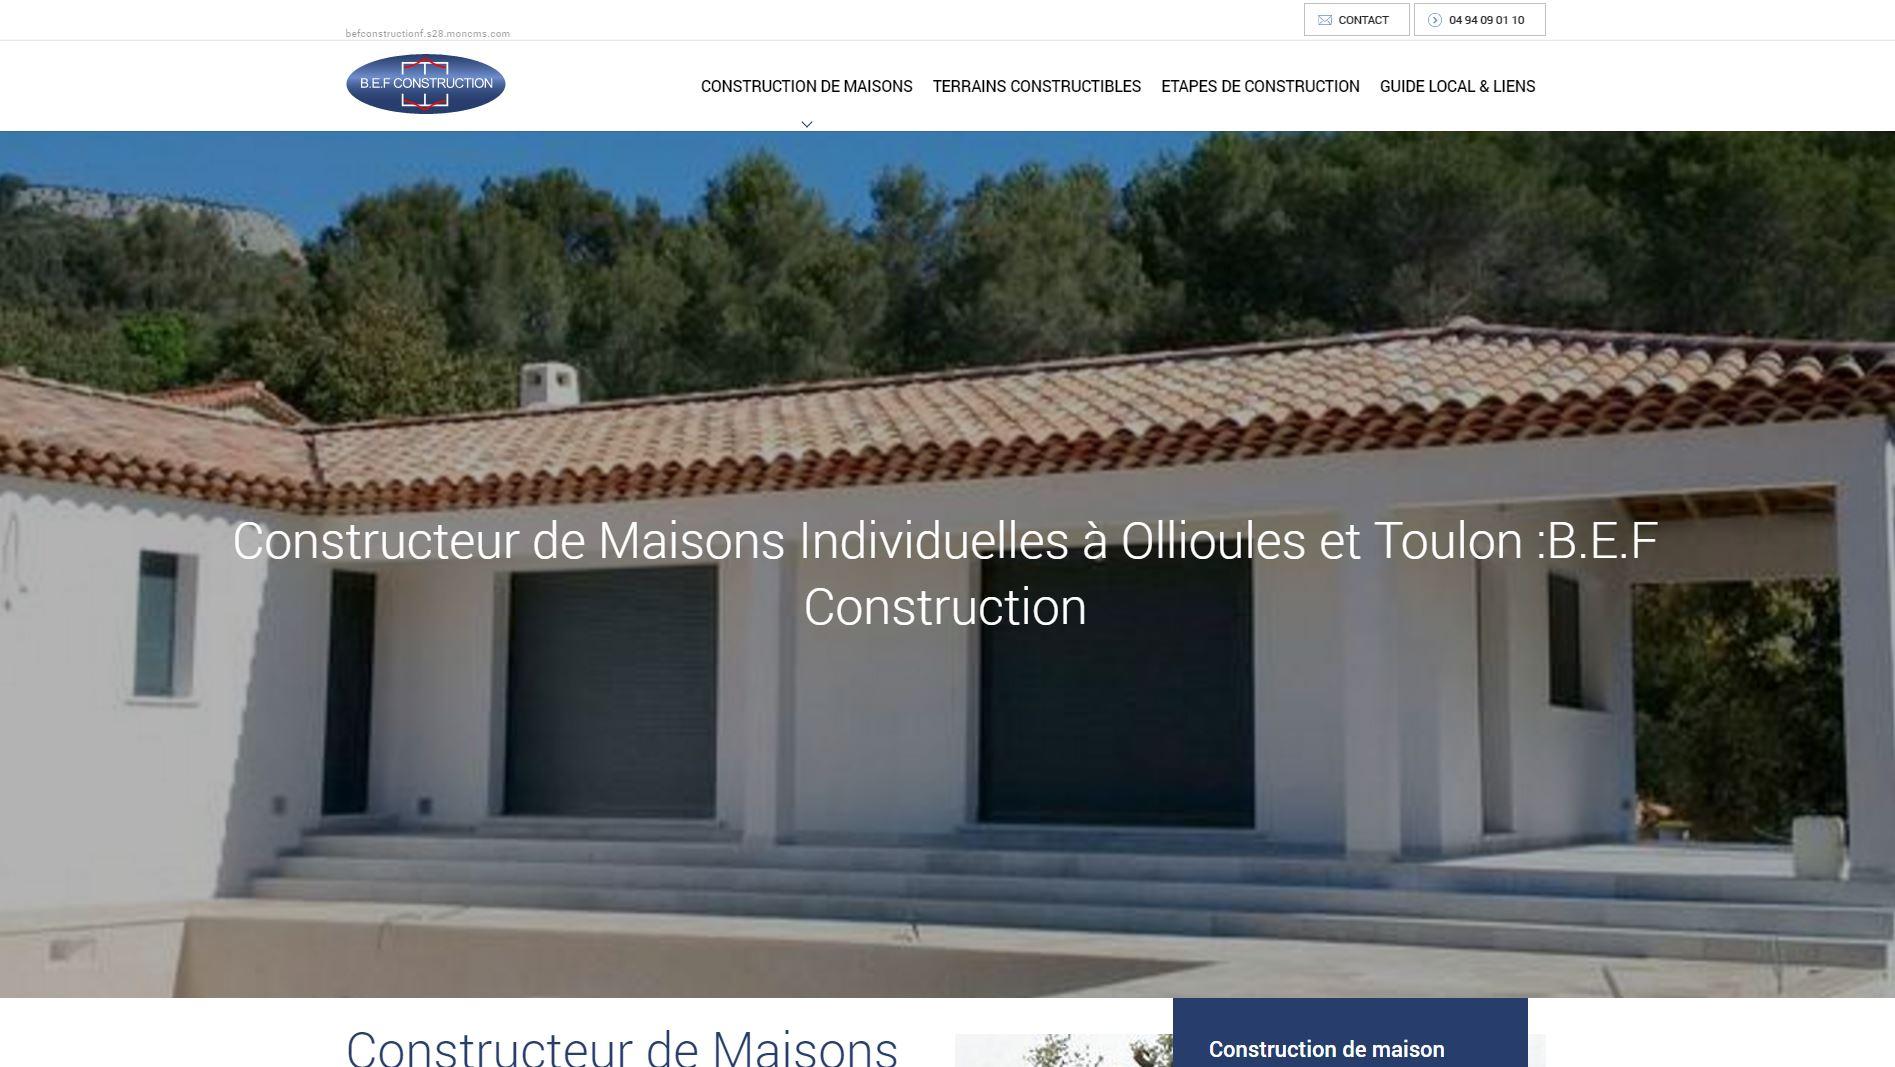 Constructeur de maisons individuelles et villas la garde for Artisan constructeur maison individuelle